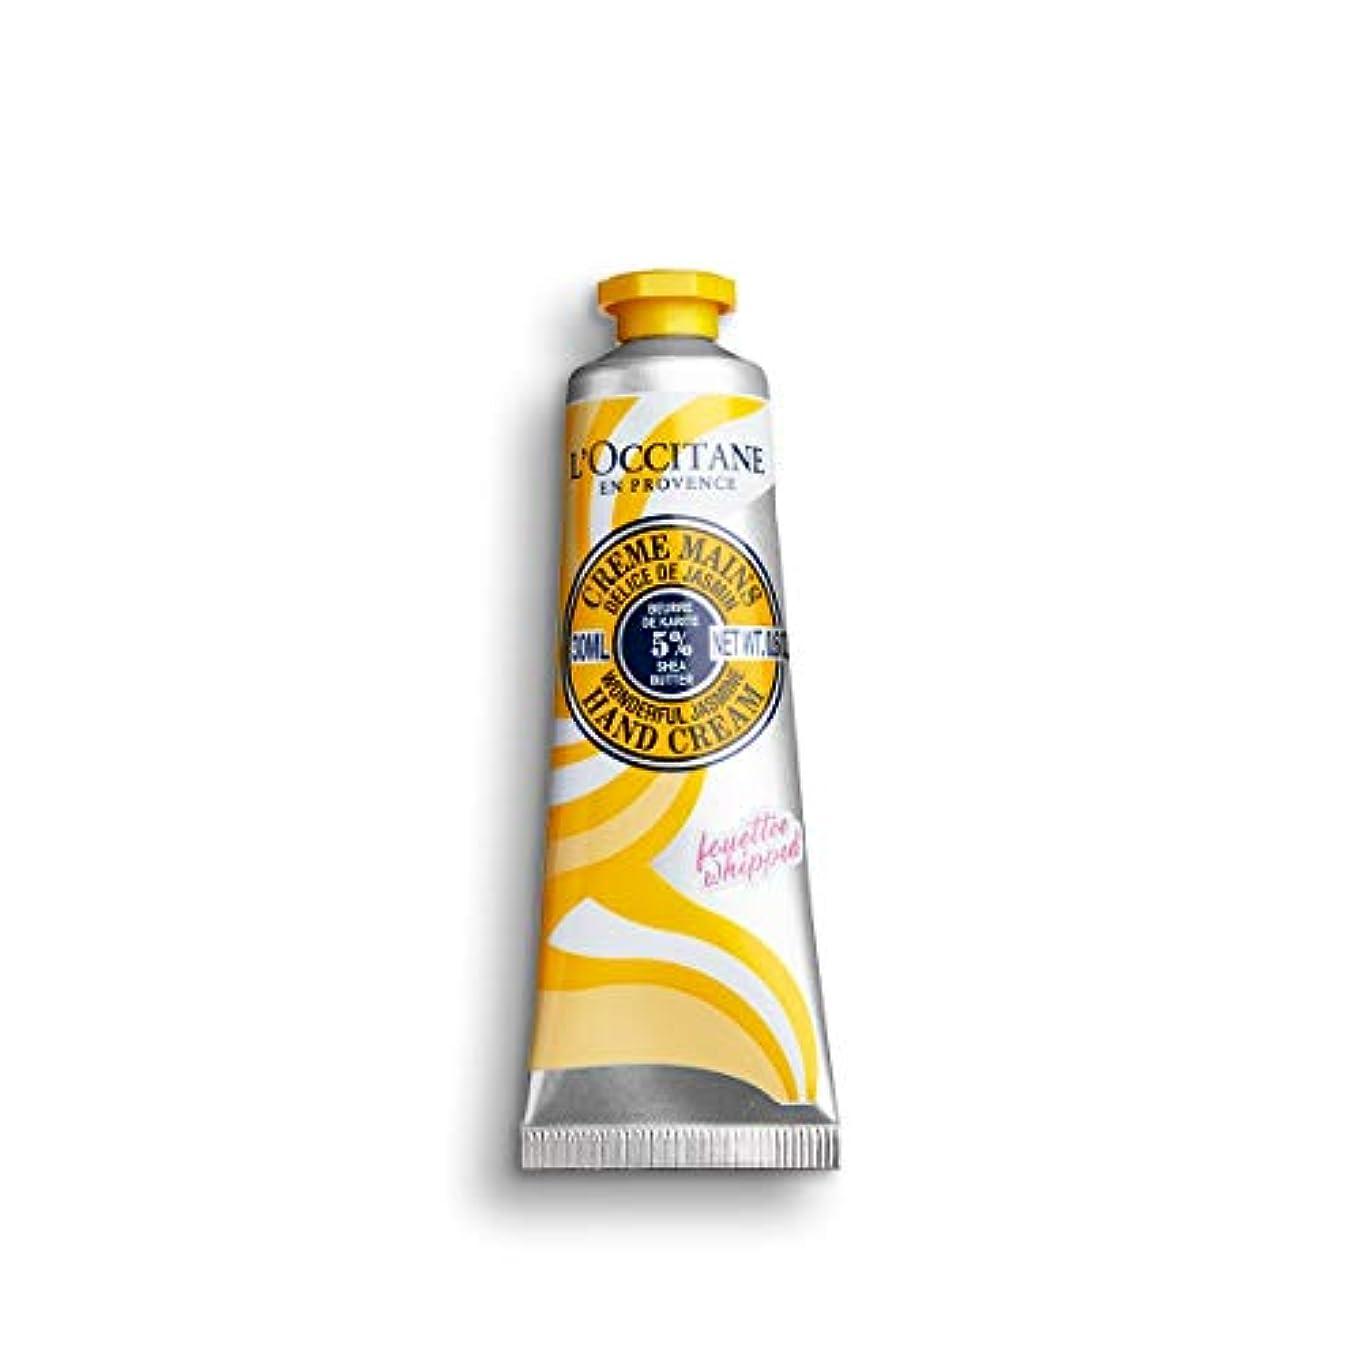 ひどい懲戒長老ロクシタン(L'OCCITANE) スノーシア ハンドクリーム(ジャスミンパッション) 30ml